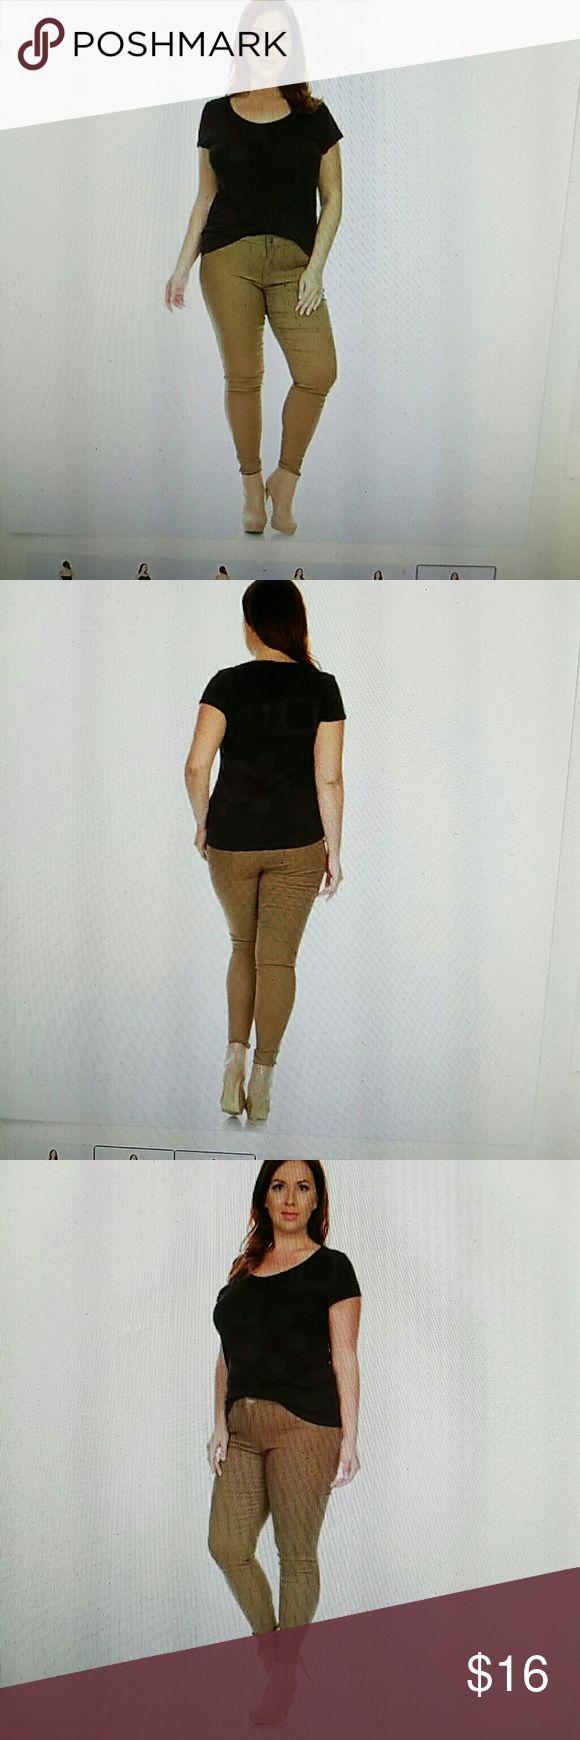 Plus Size Caramel Brown Skinny Jeans 1x 2x 3x 4x Hot, new sexy plus size high waist moleton skinny jeans Nema Avenue Jeans Skinny